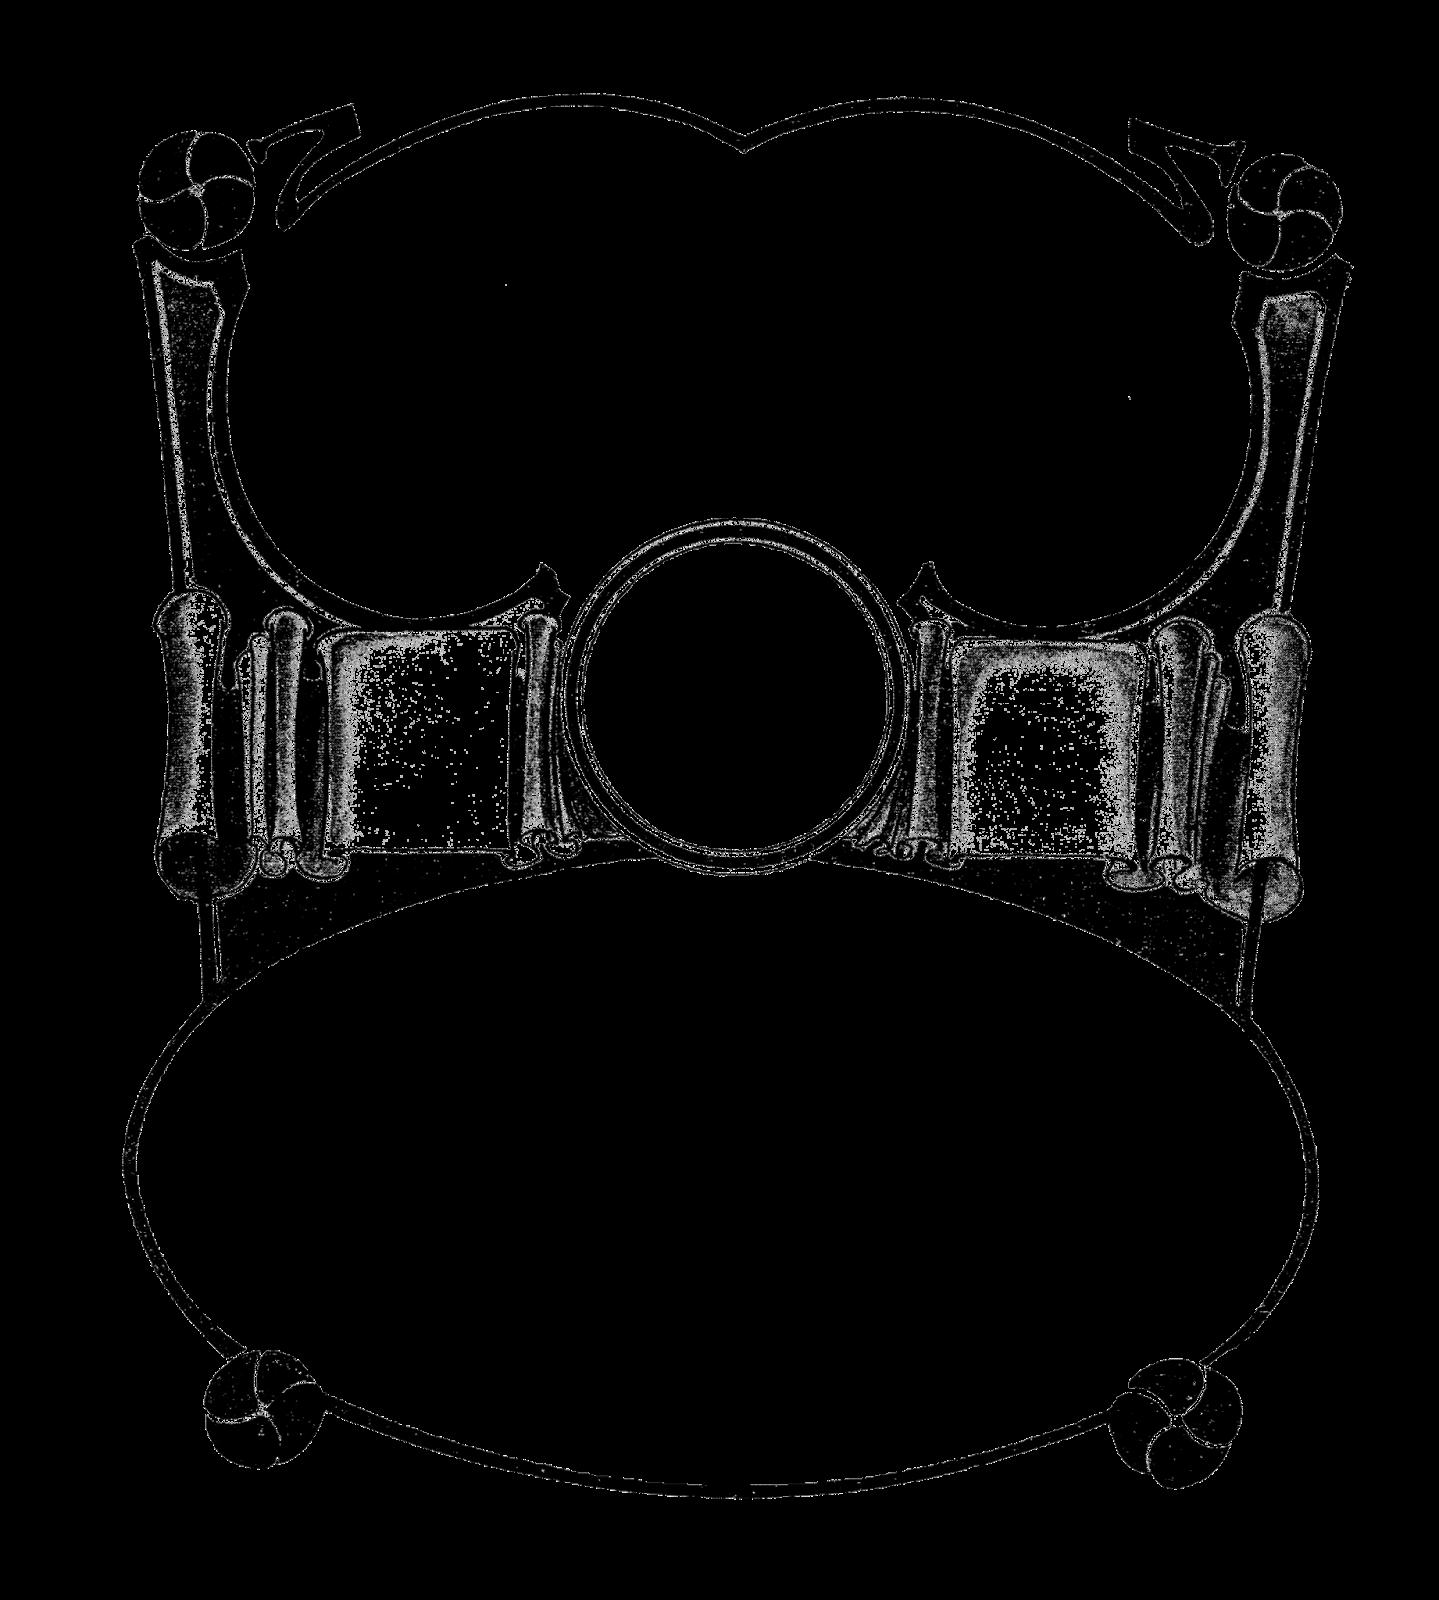 Drums clipart border. Digital stamp design decorative